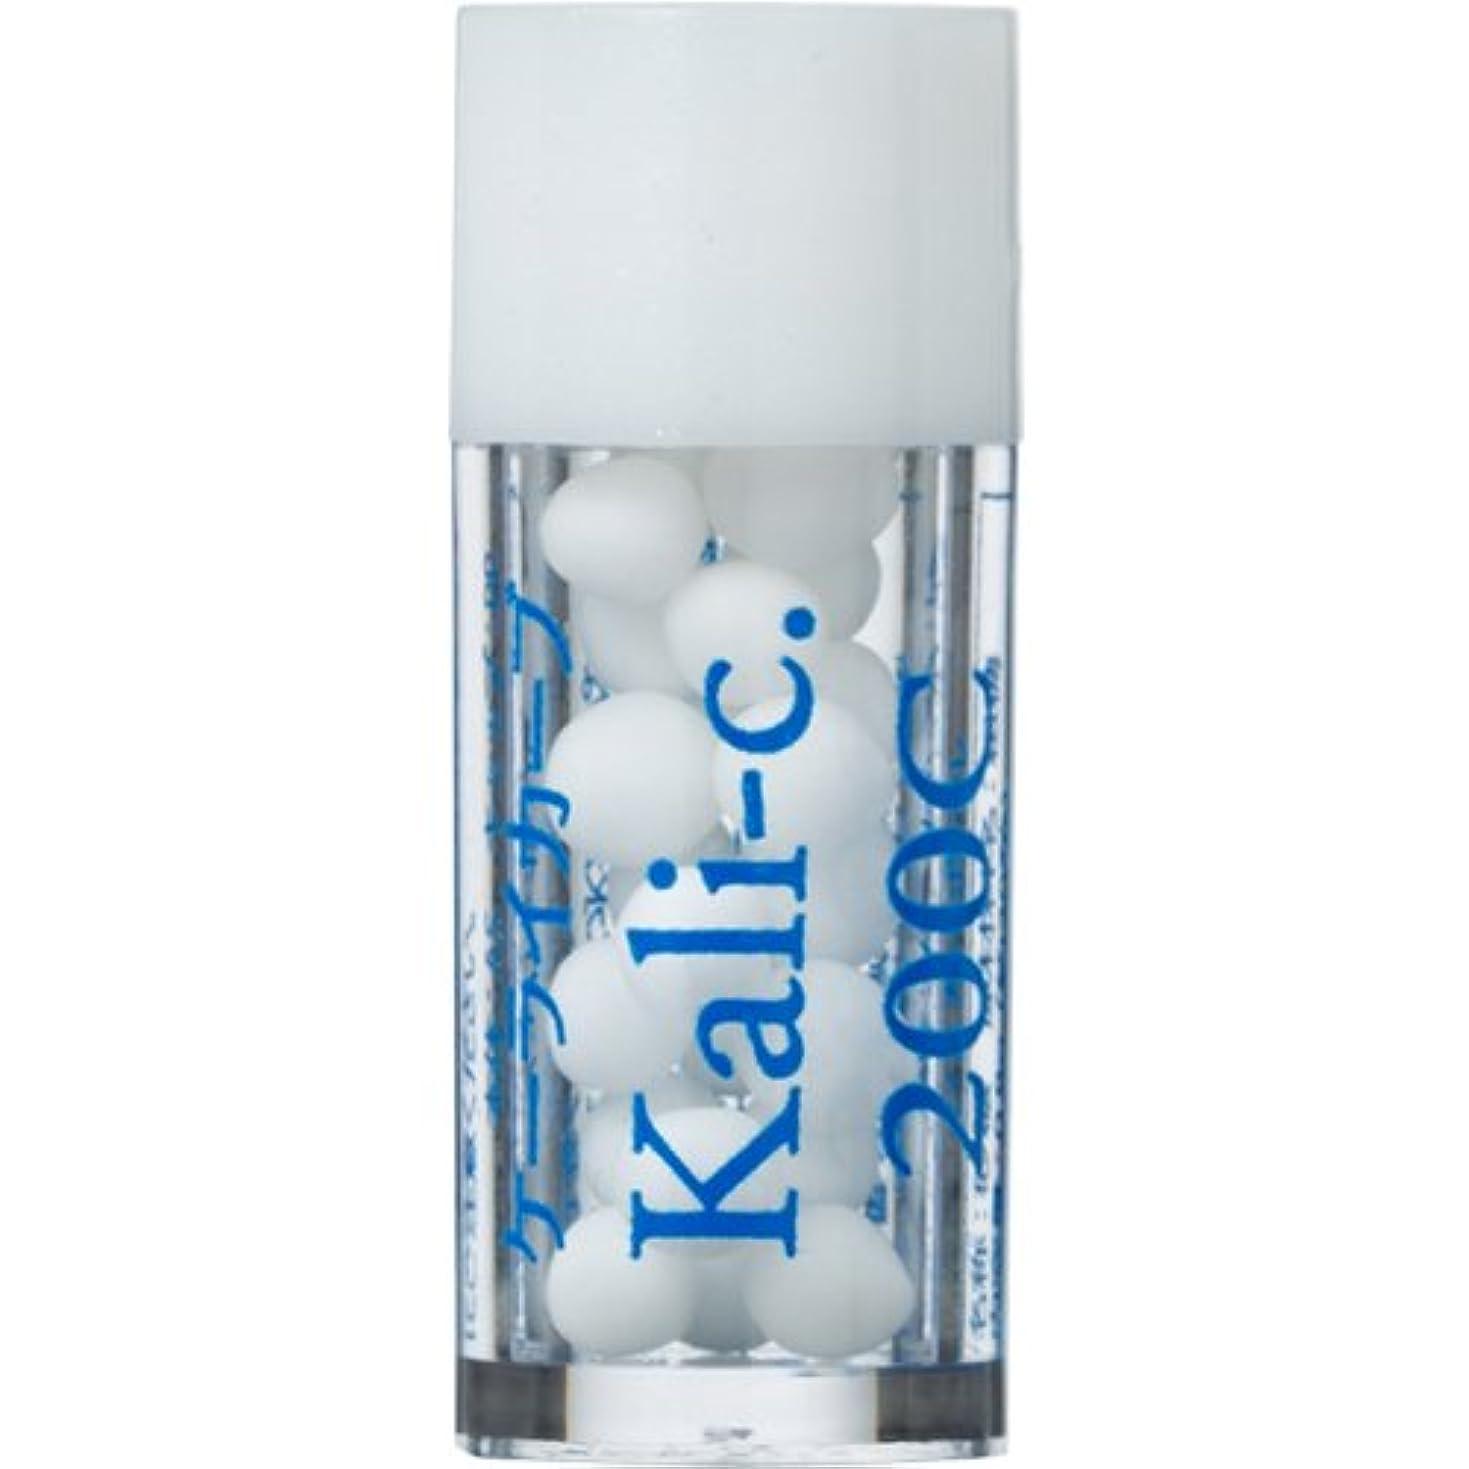 裂け目にもかかわらず健康ホメオパシージャパンレメディー バース14 Kali-c.ケーライカーブ 200C